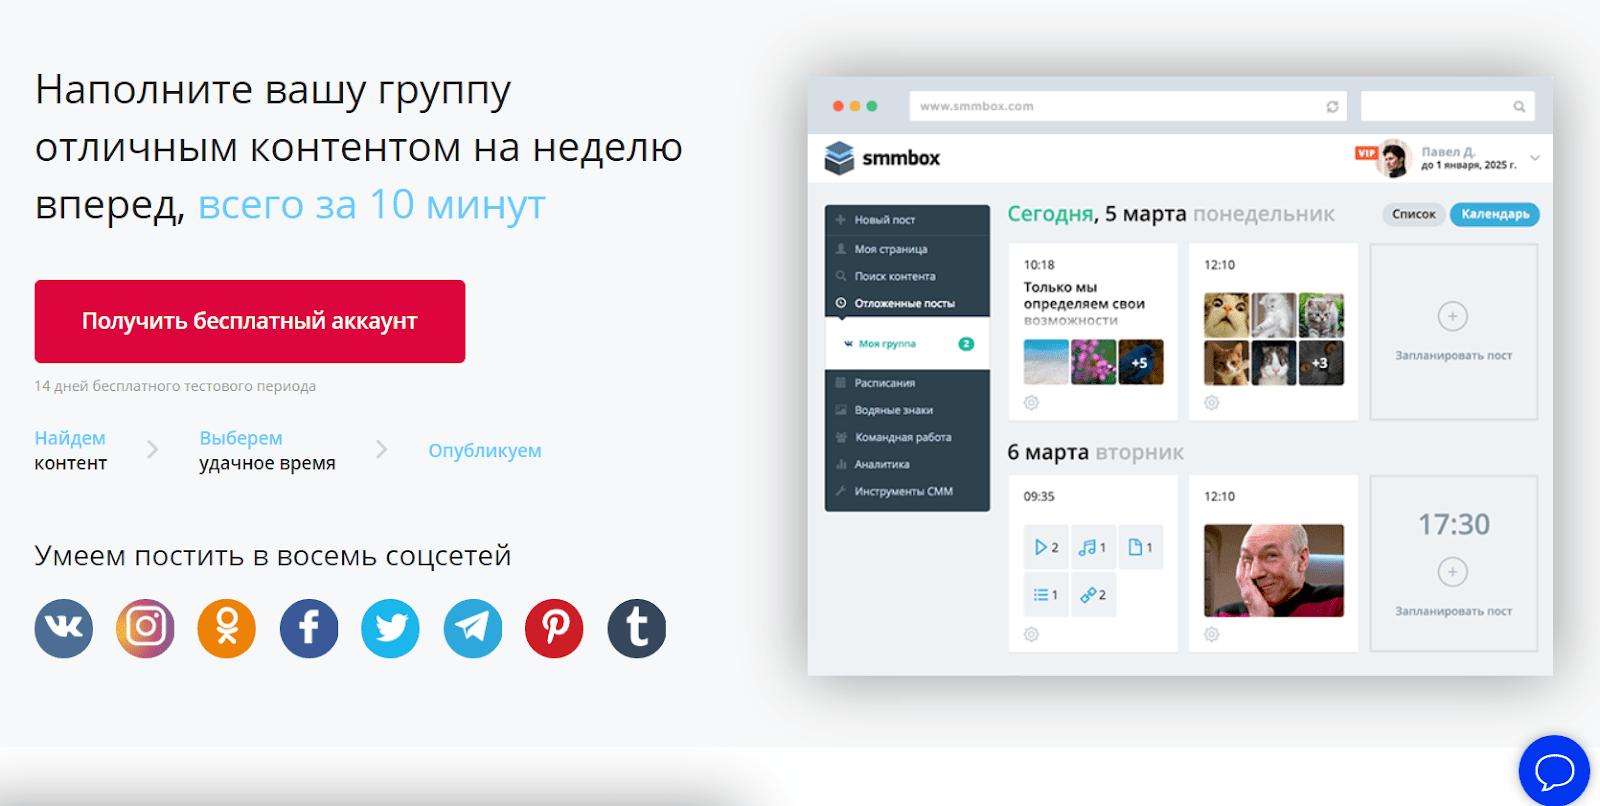 Сильный оффер в заголовке, скриншот сервиса на обложке и яркая кнопка. Лендинг будет работать, даже если оставить только первый экран